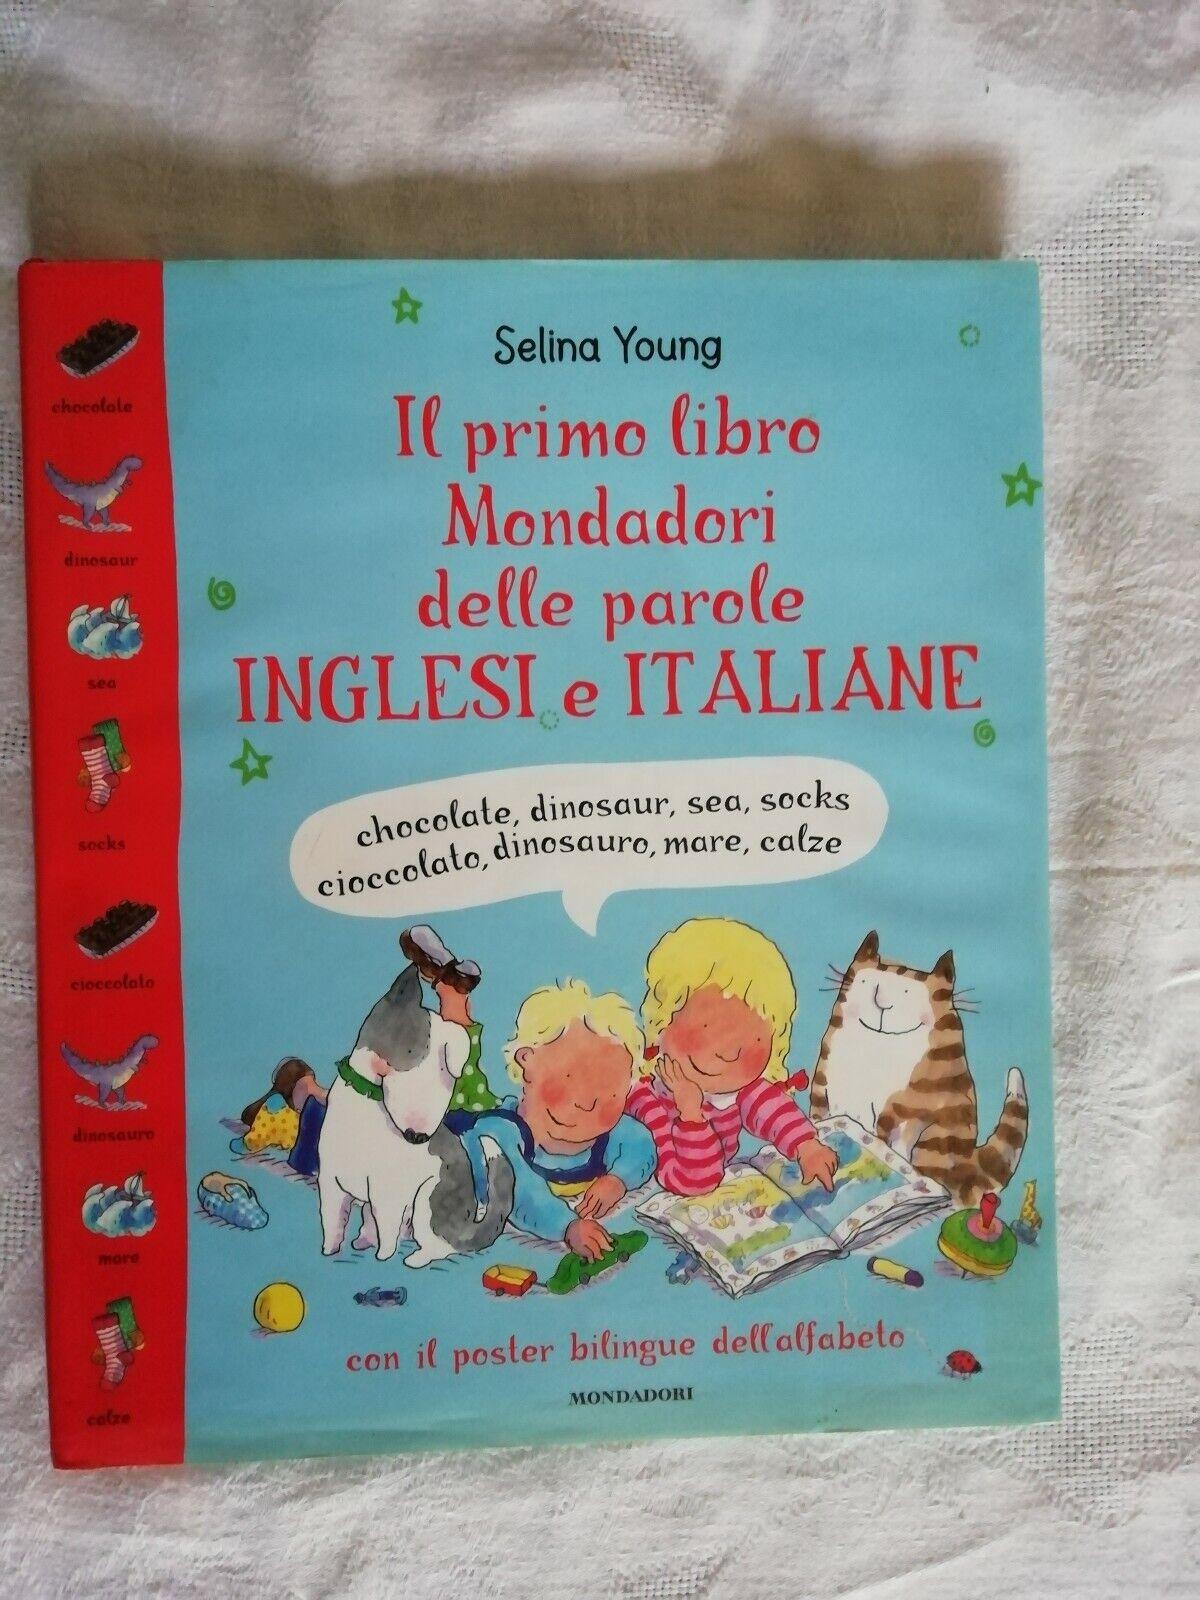 Soluzioni Giardino Delle Parole primo libro mondadori delle parole inglesi e italiane - s. young - ed.  mondadori